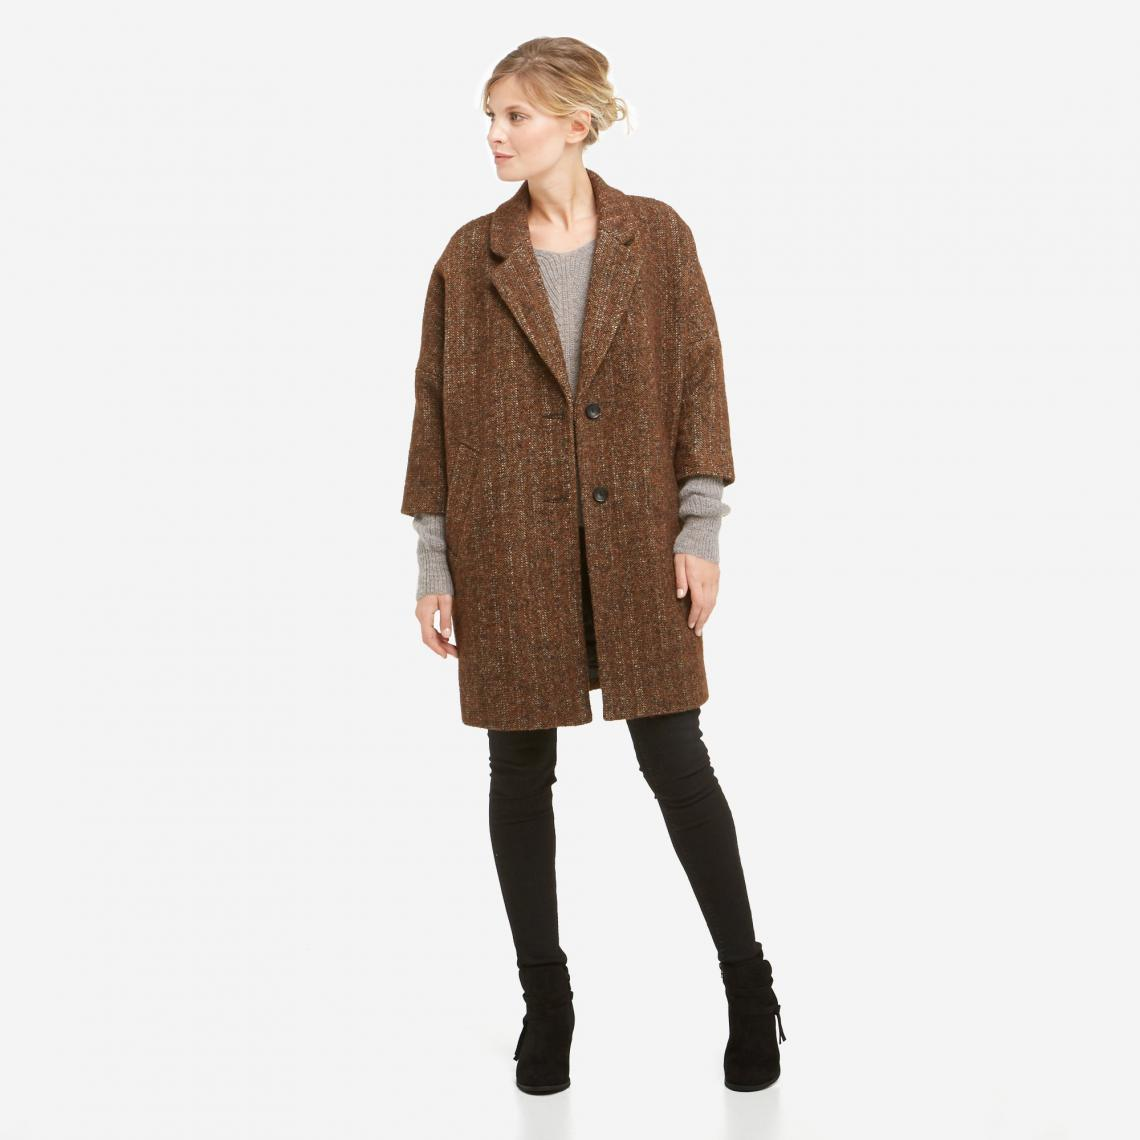 Manteau d'hiver en laine, uni, col à rabat   3 SUISSES